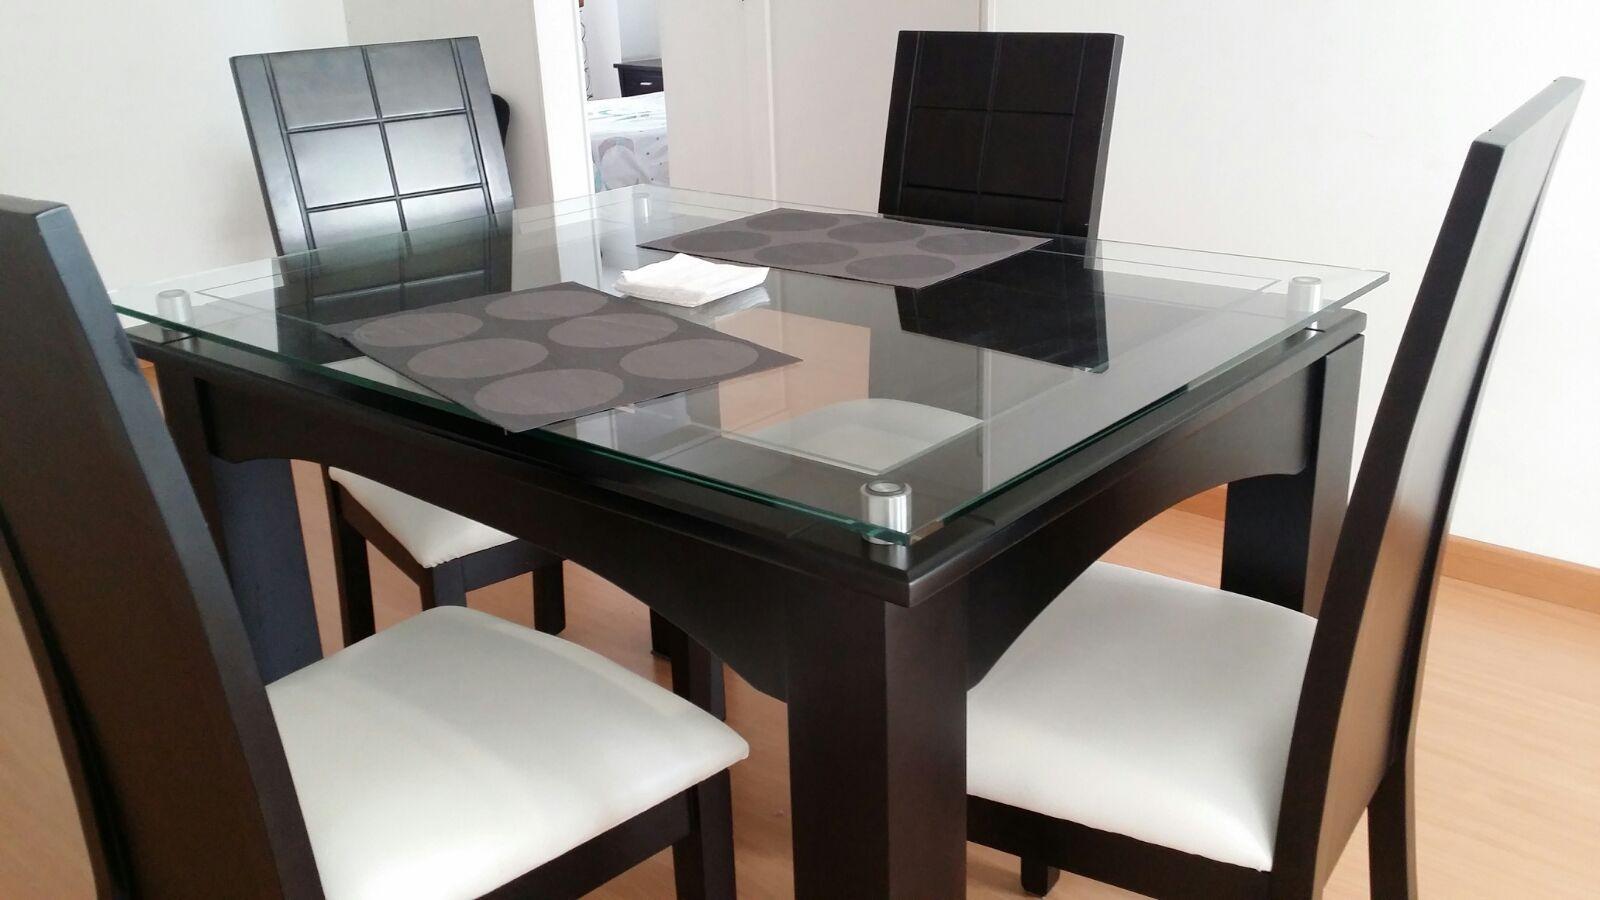 comedor de 4 puestos en madera y vidrio comedor On comedor 4 puestos vidrio